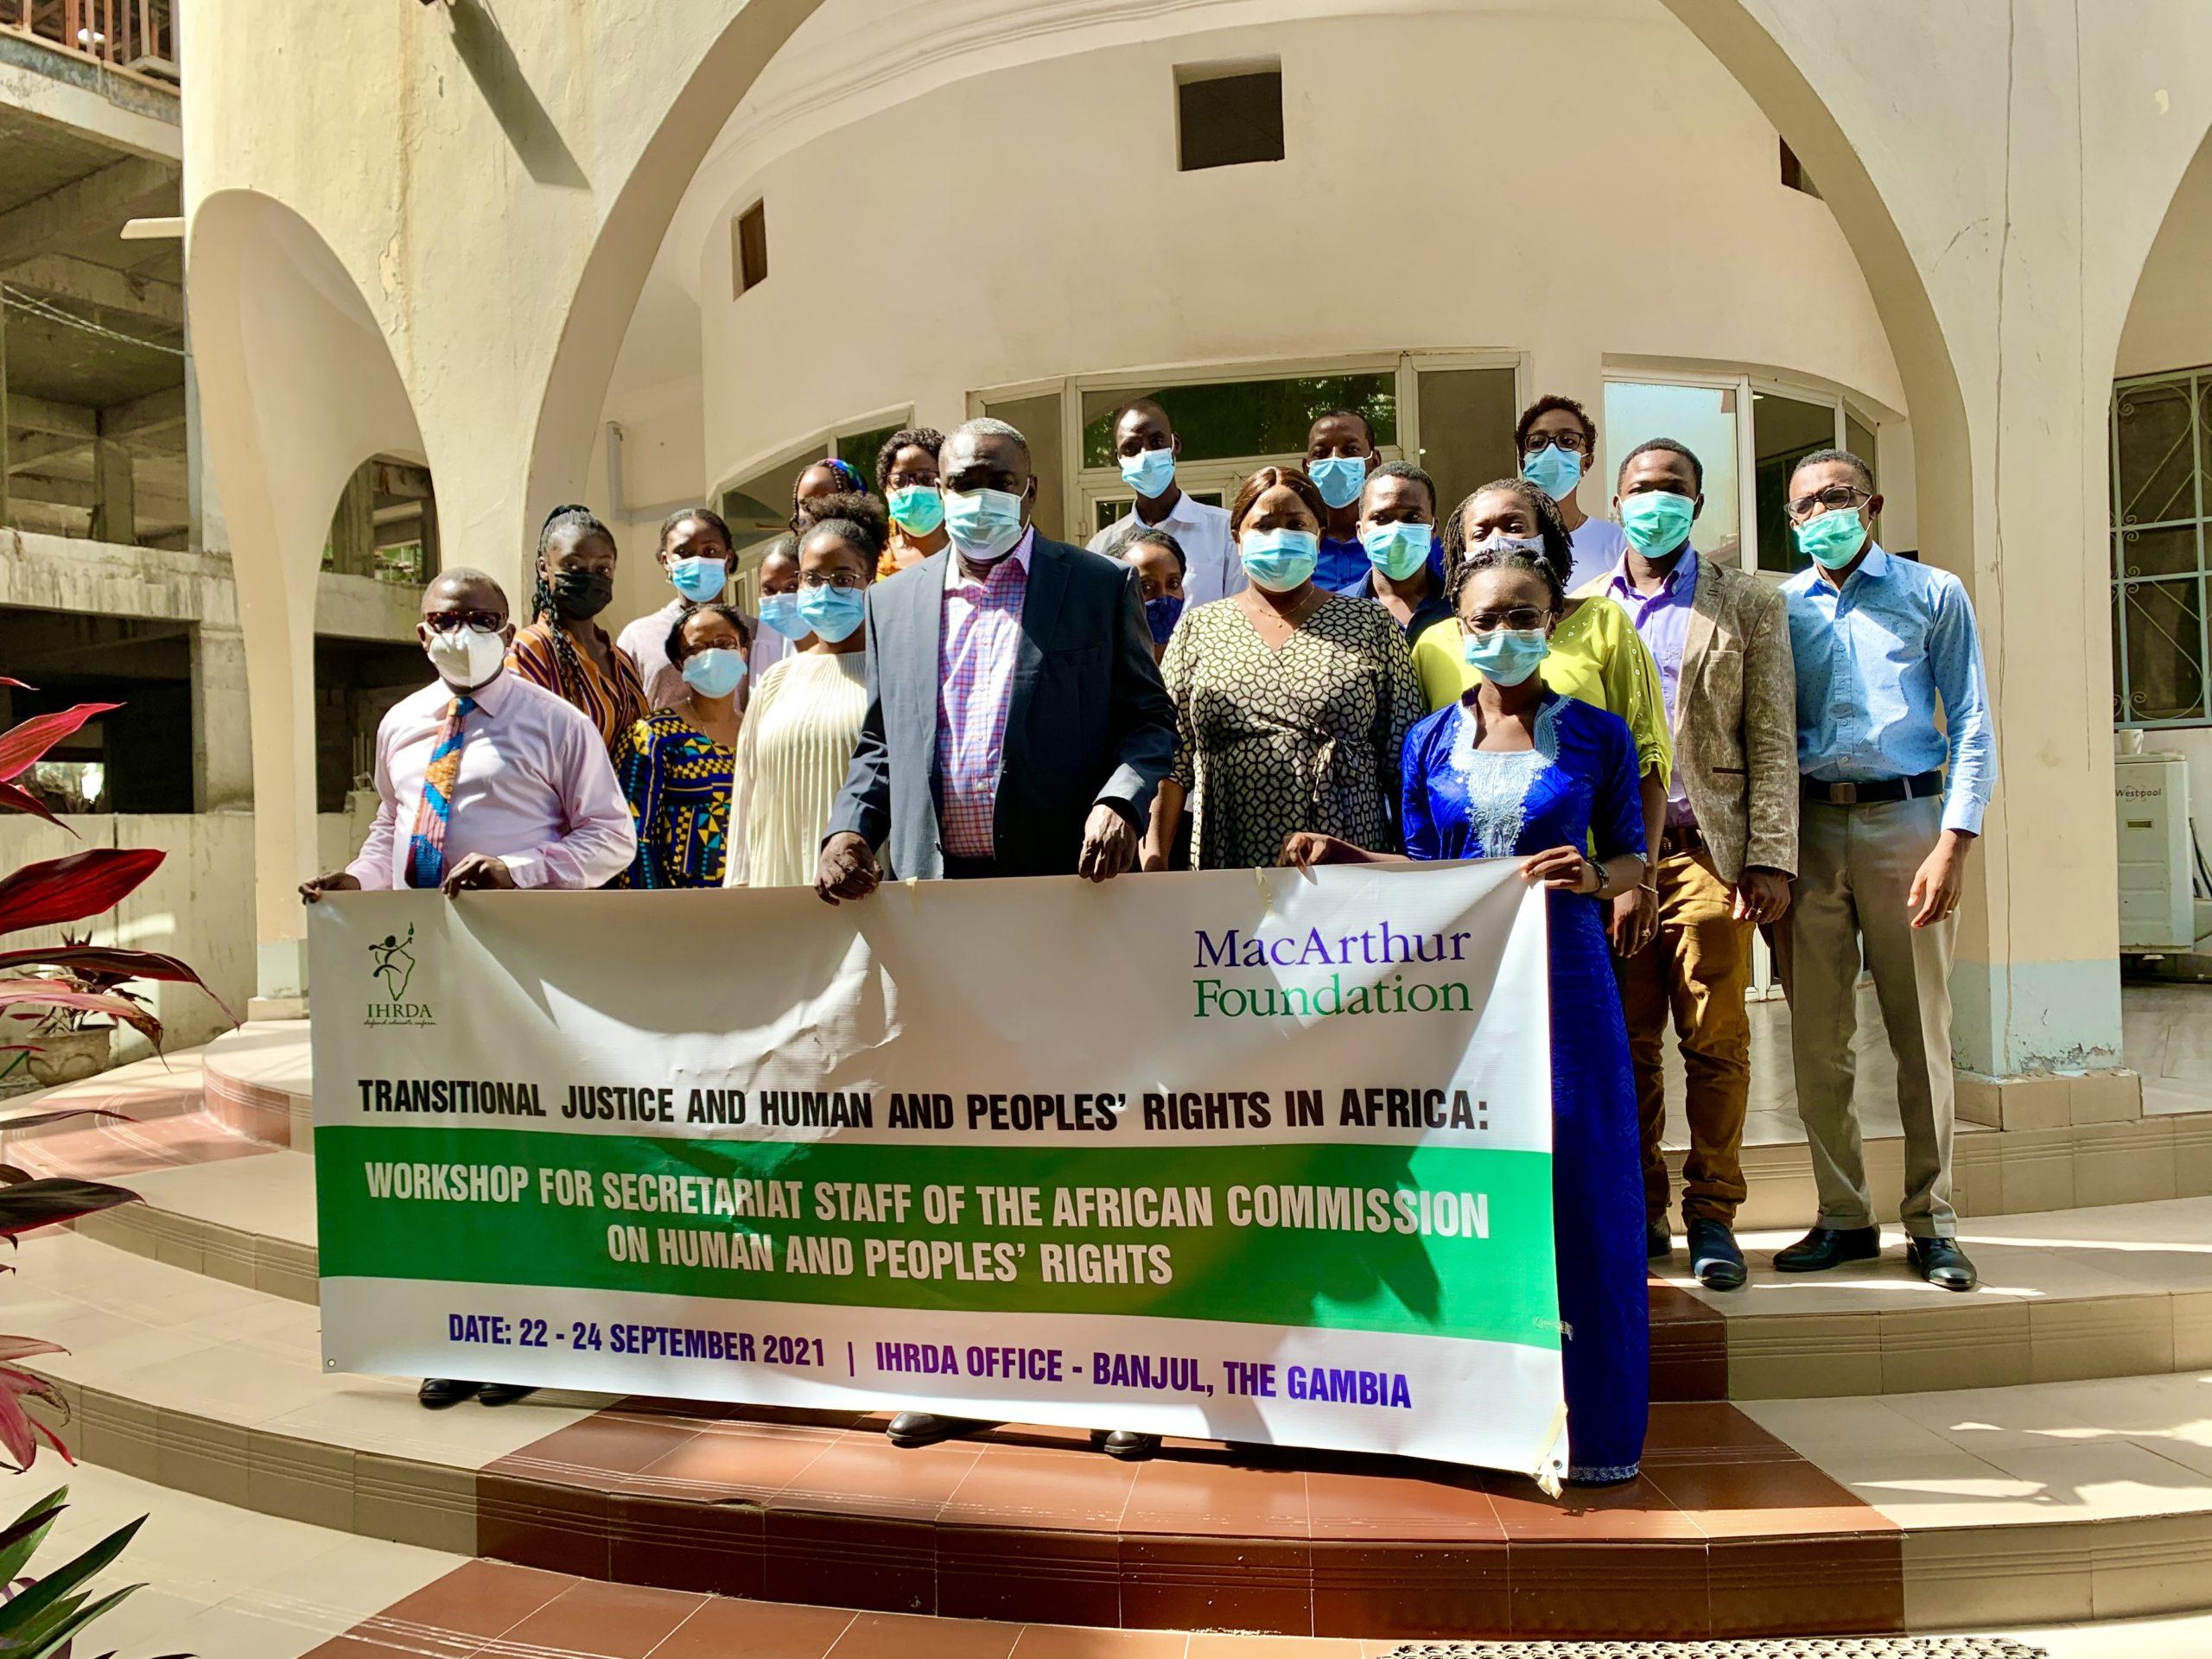 IHRDA organizes transitional justice workshop for ACHPR Secretariat staff